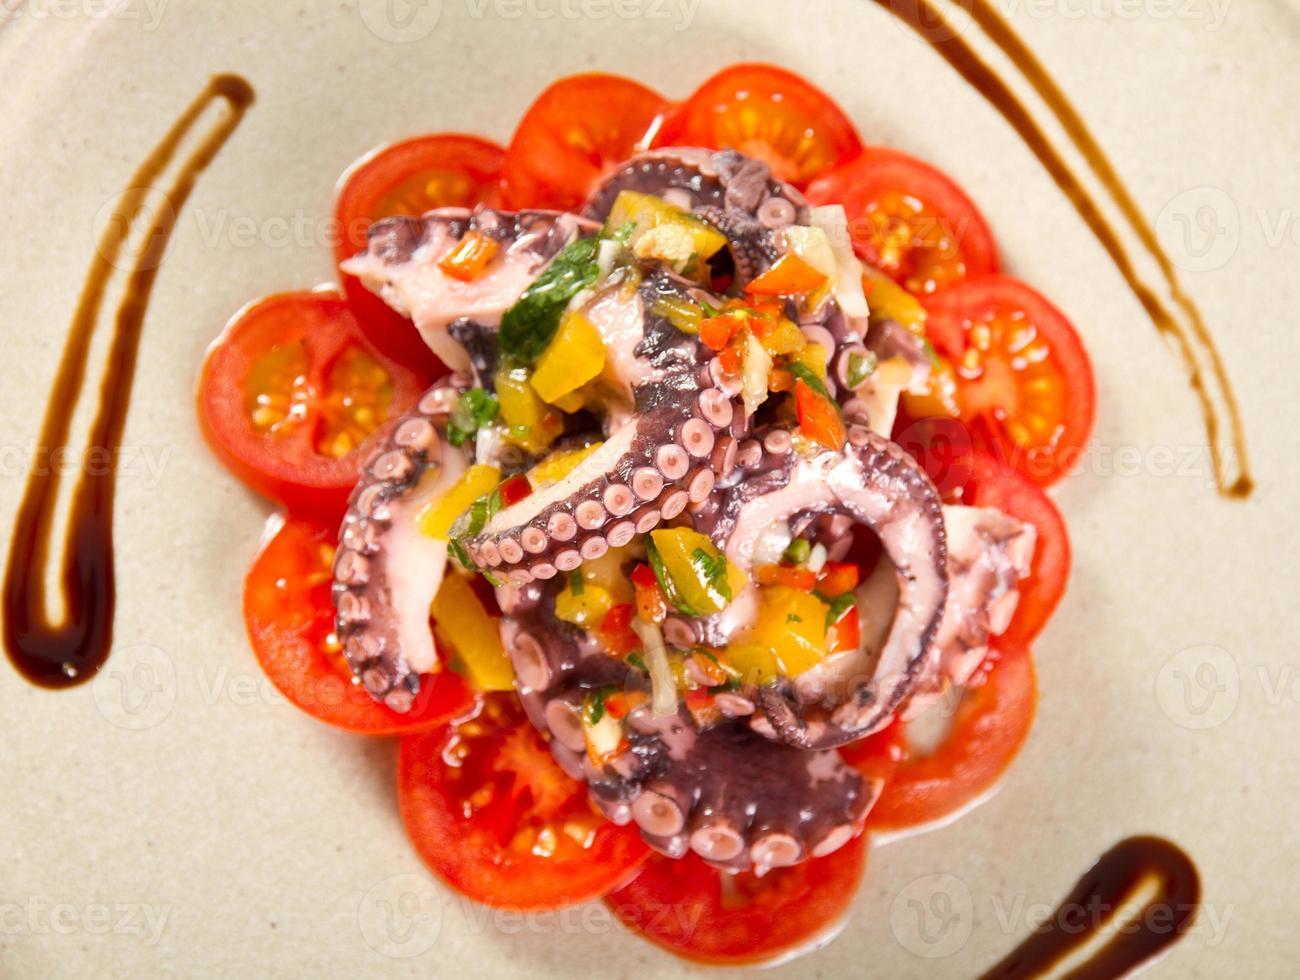 Tintenfischsalat foto